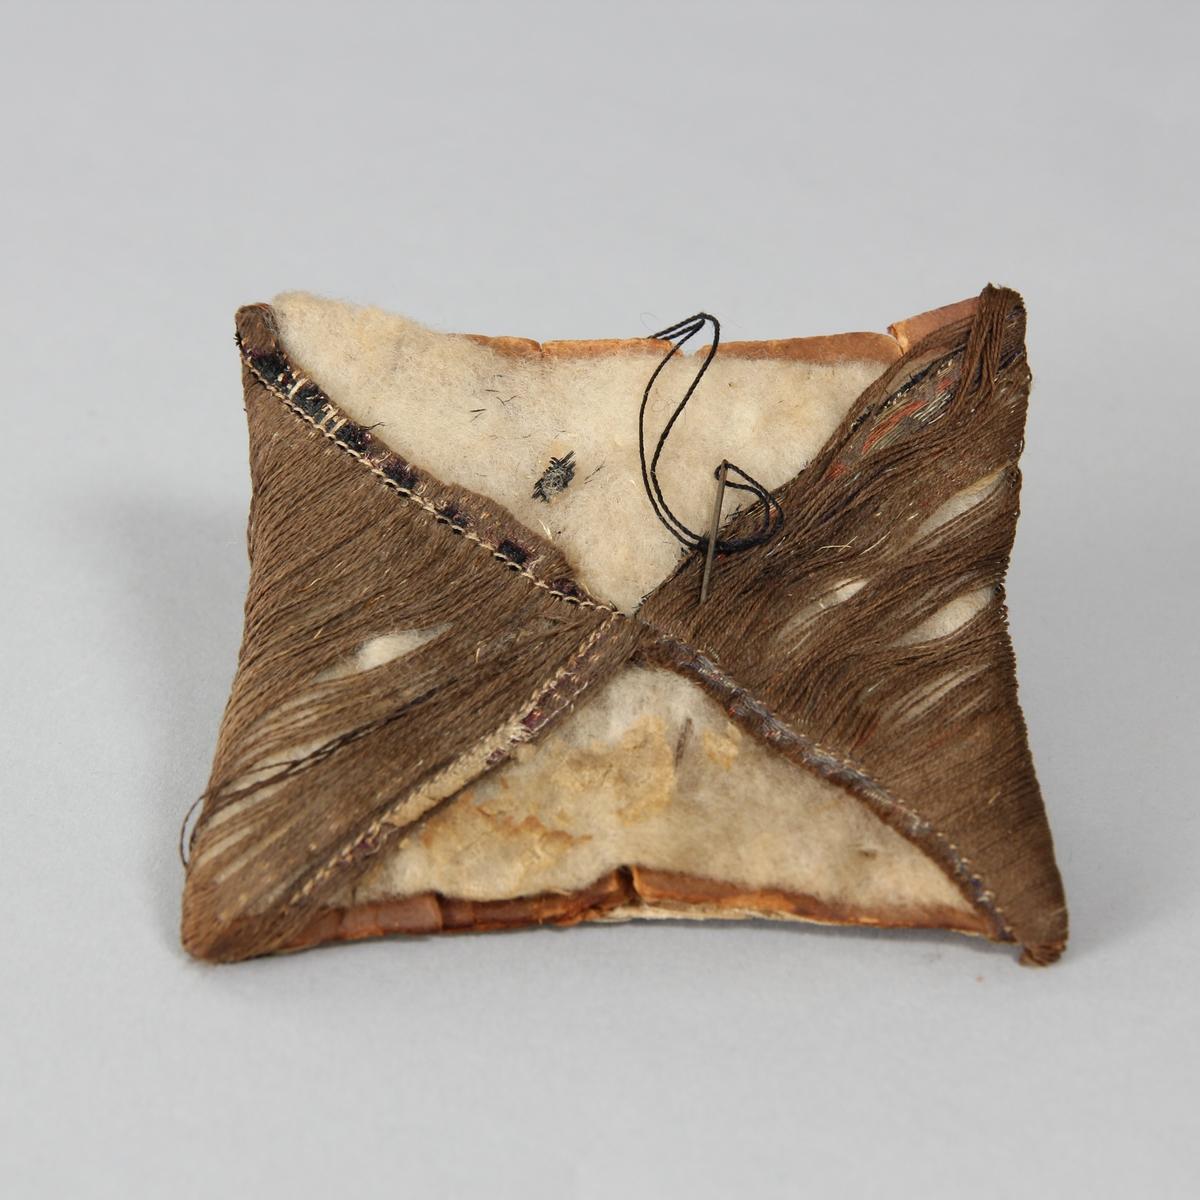 Nåldyna, kvadratisk, sydd av tygbitar. Underst vit tygbit, sedan mellanlägg och vadd/tovad bit och överst två motstående trekanter av glesa bruna trådar. Instucket nål med brun tråd.